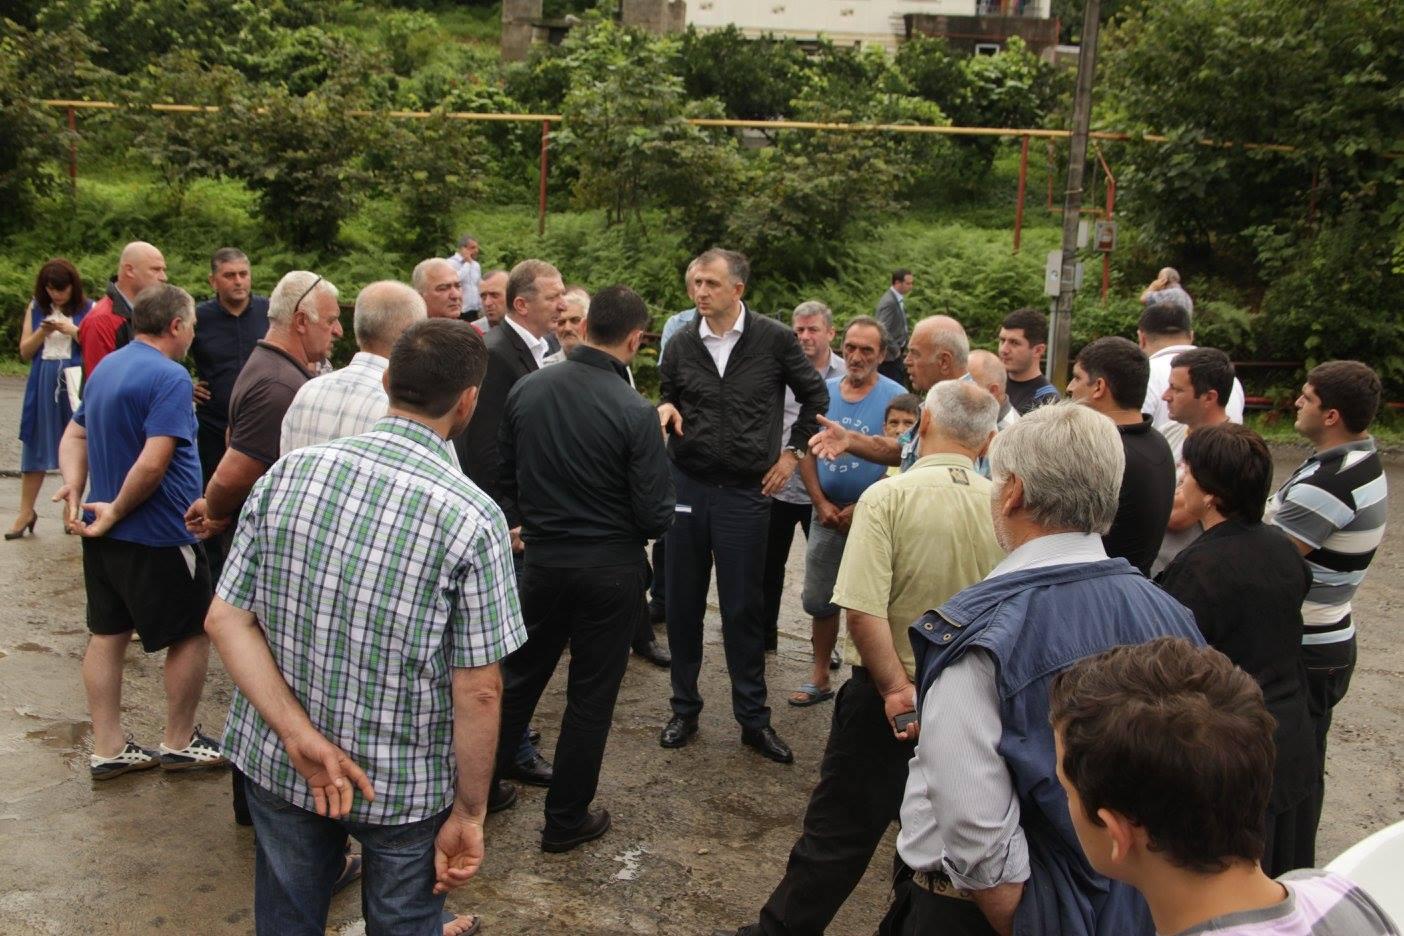 აჭარის მთავრობის თავმჯდომარე დღეს ხელვაჩაურის სოფელ სატეხიის მოსახლეობას შეხვდა და მათ პრობლემებს გაეცნო